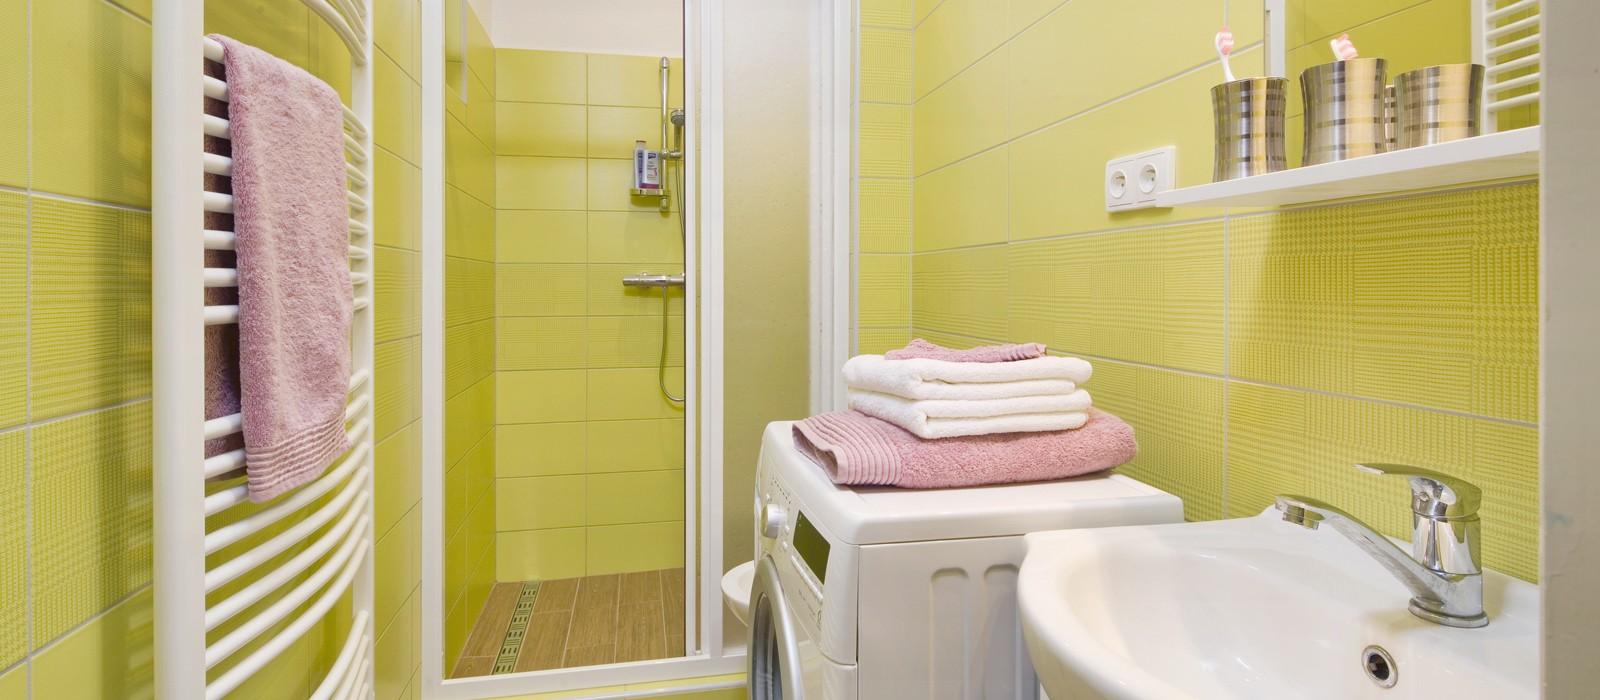 Duże Płytki W Małej łazience Rako